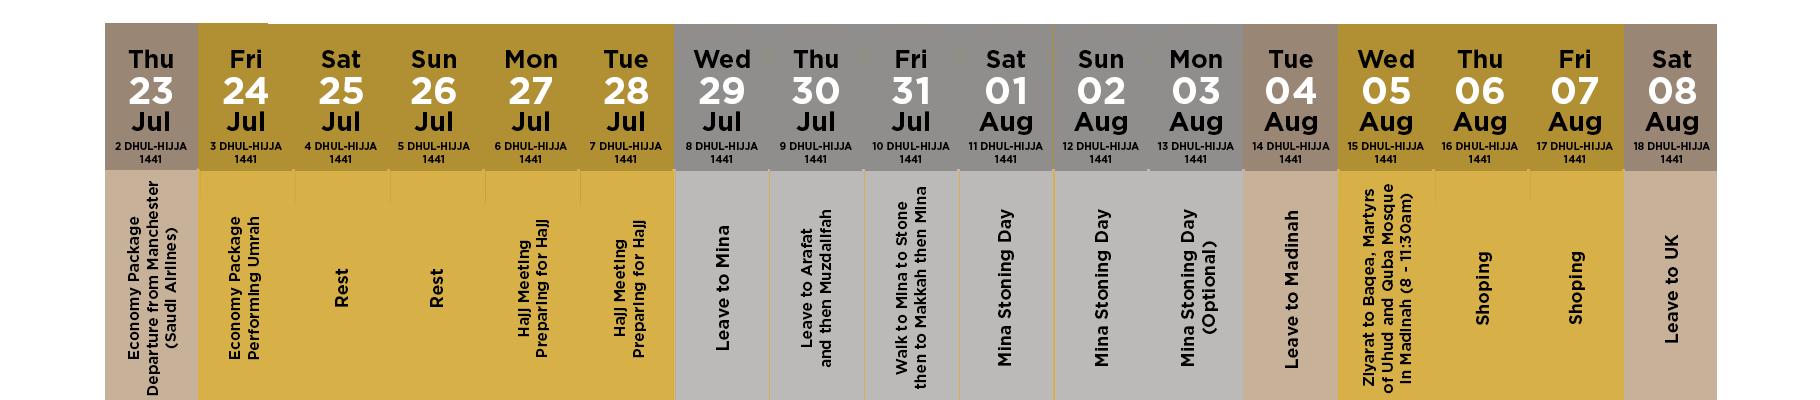 Itinerary Summary for Economy